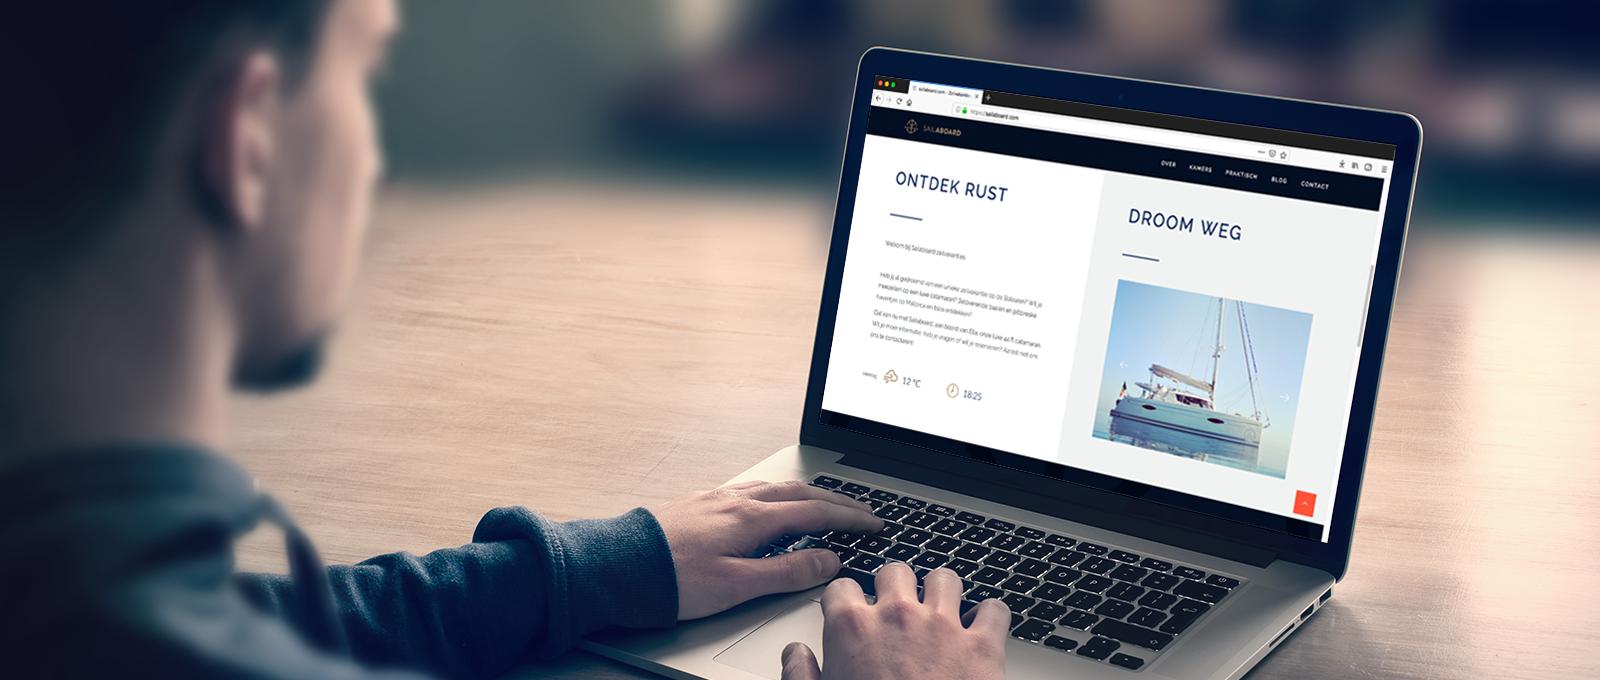 nieuwe website sailaboard